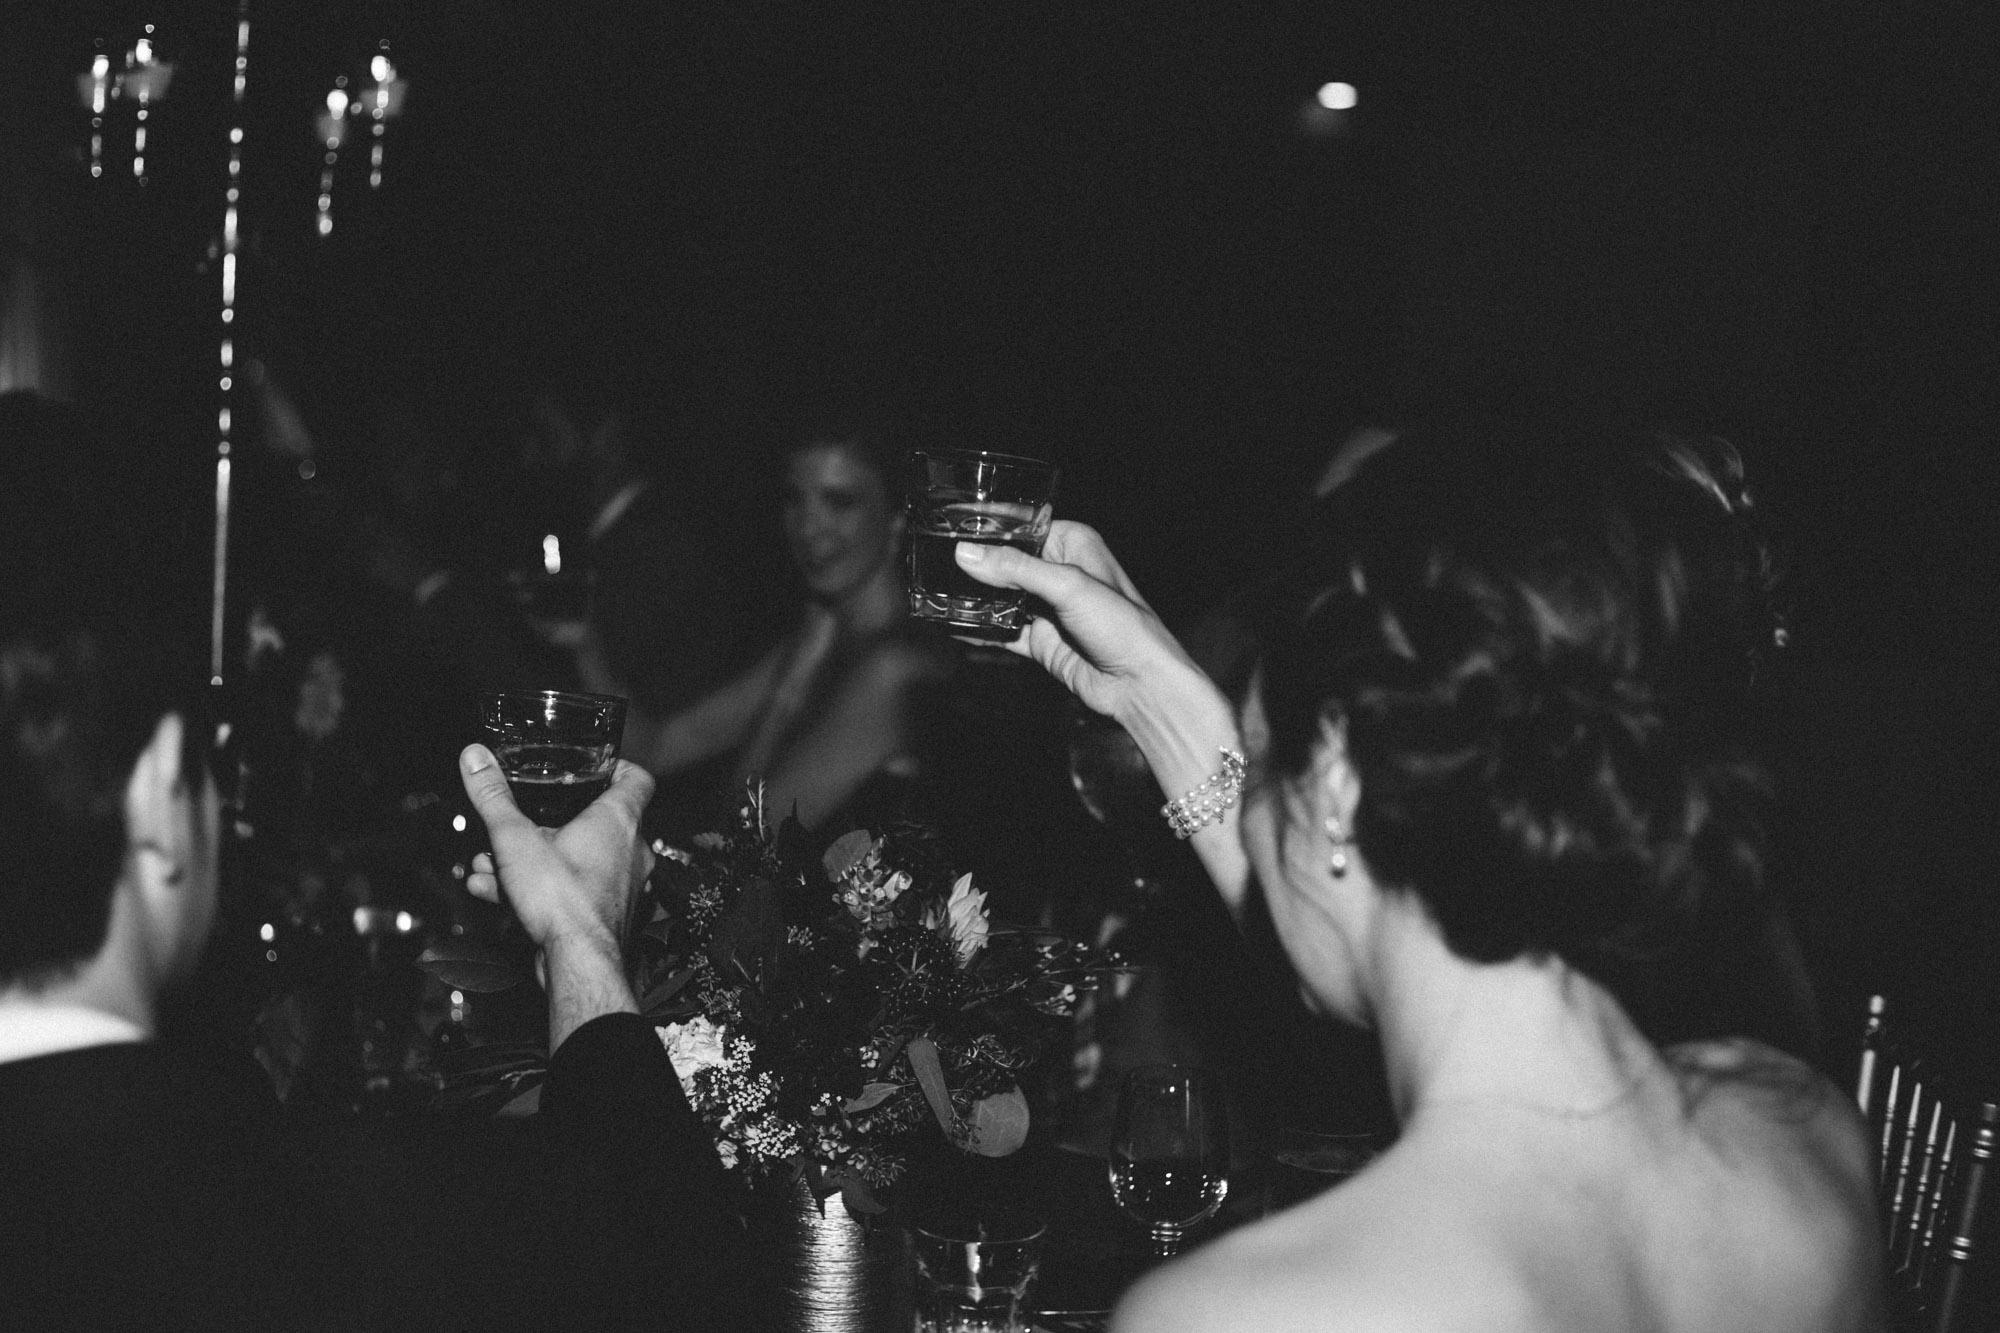 Journalist wedding reception photography at Grand View Lodge by Britt DeZeeuw